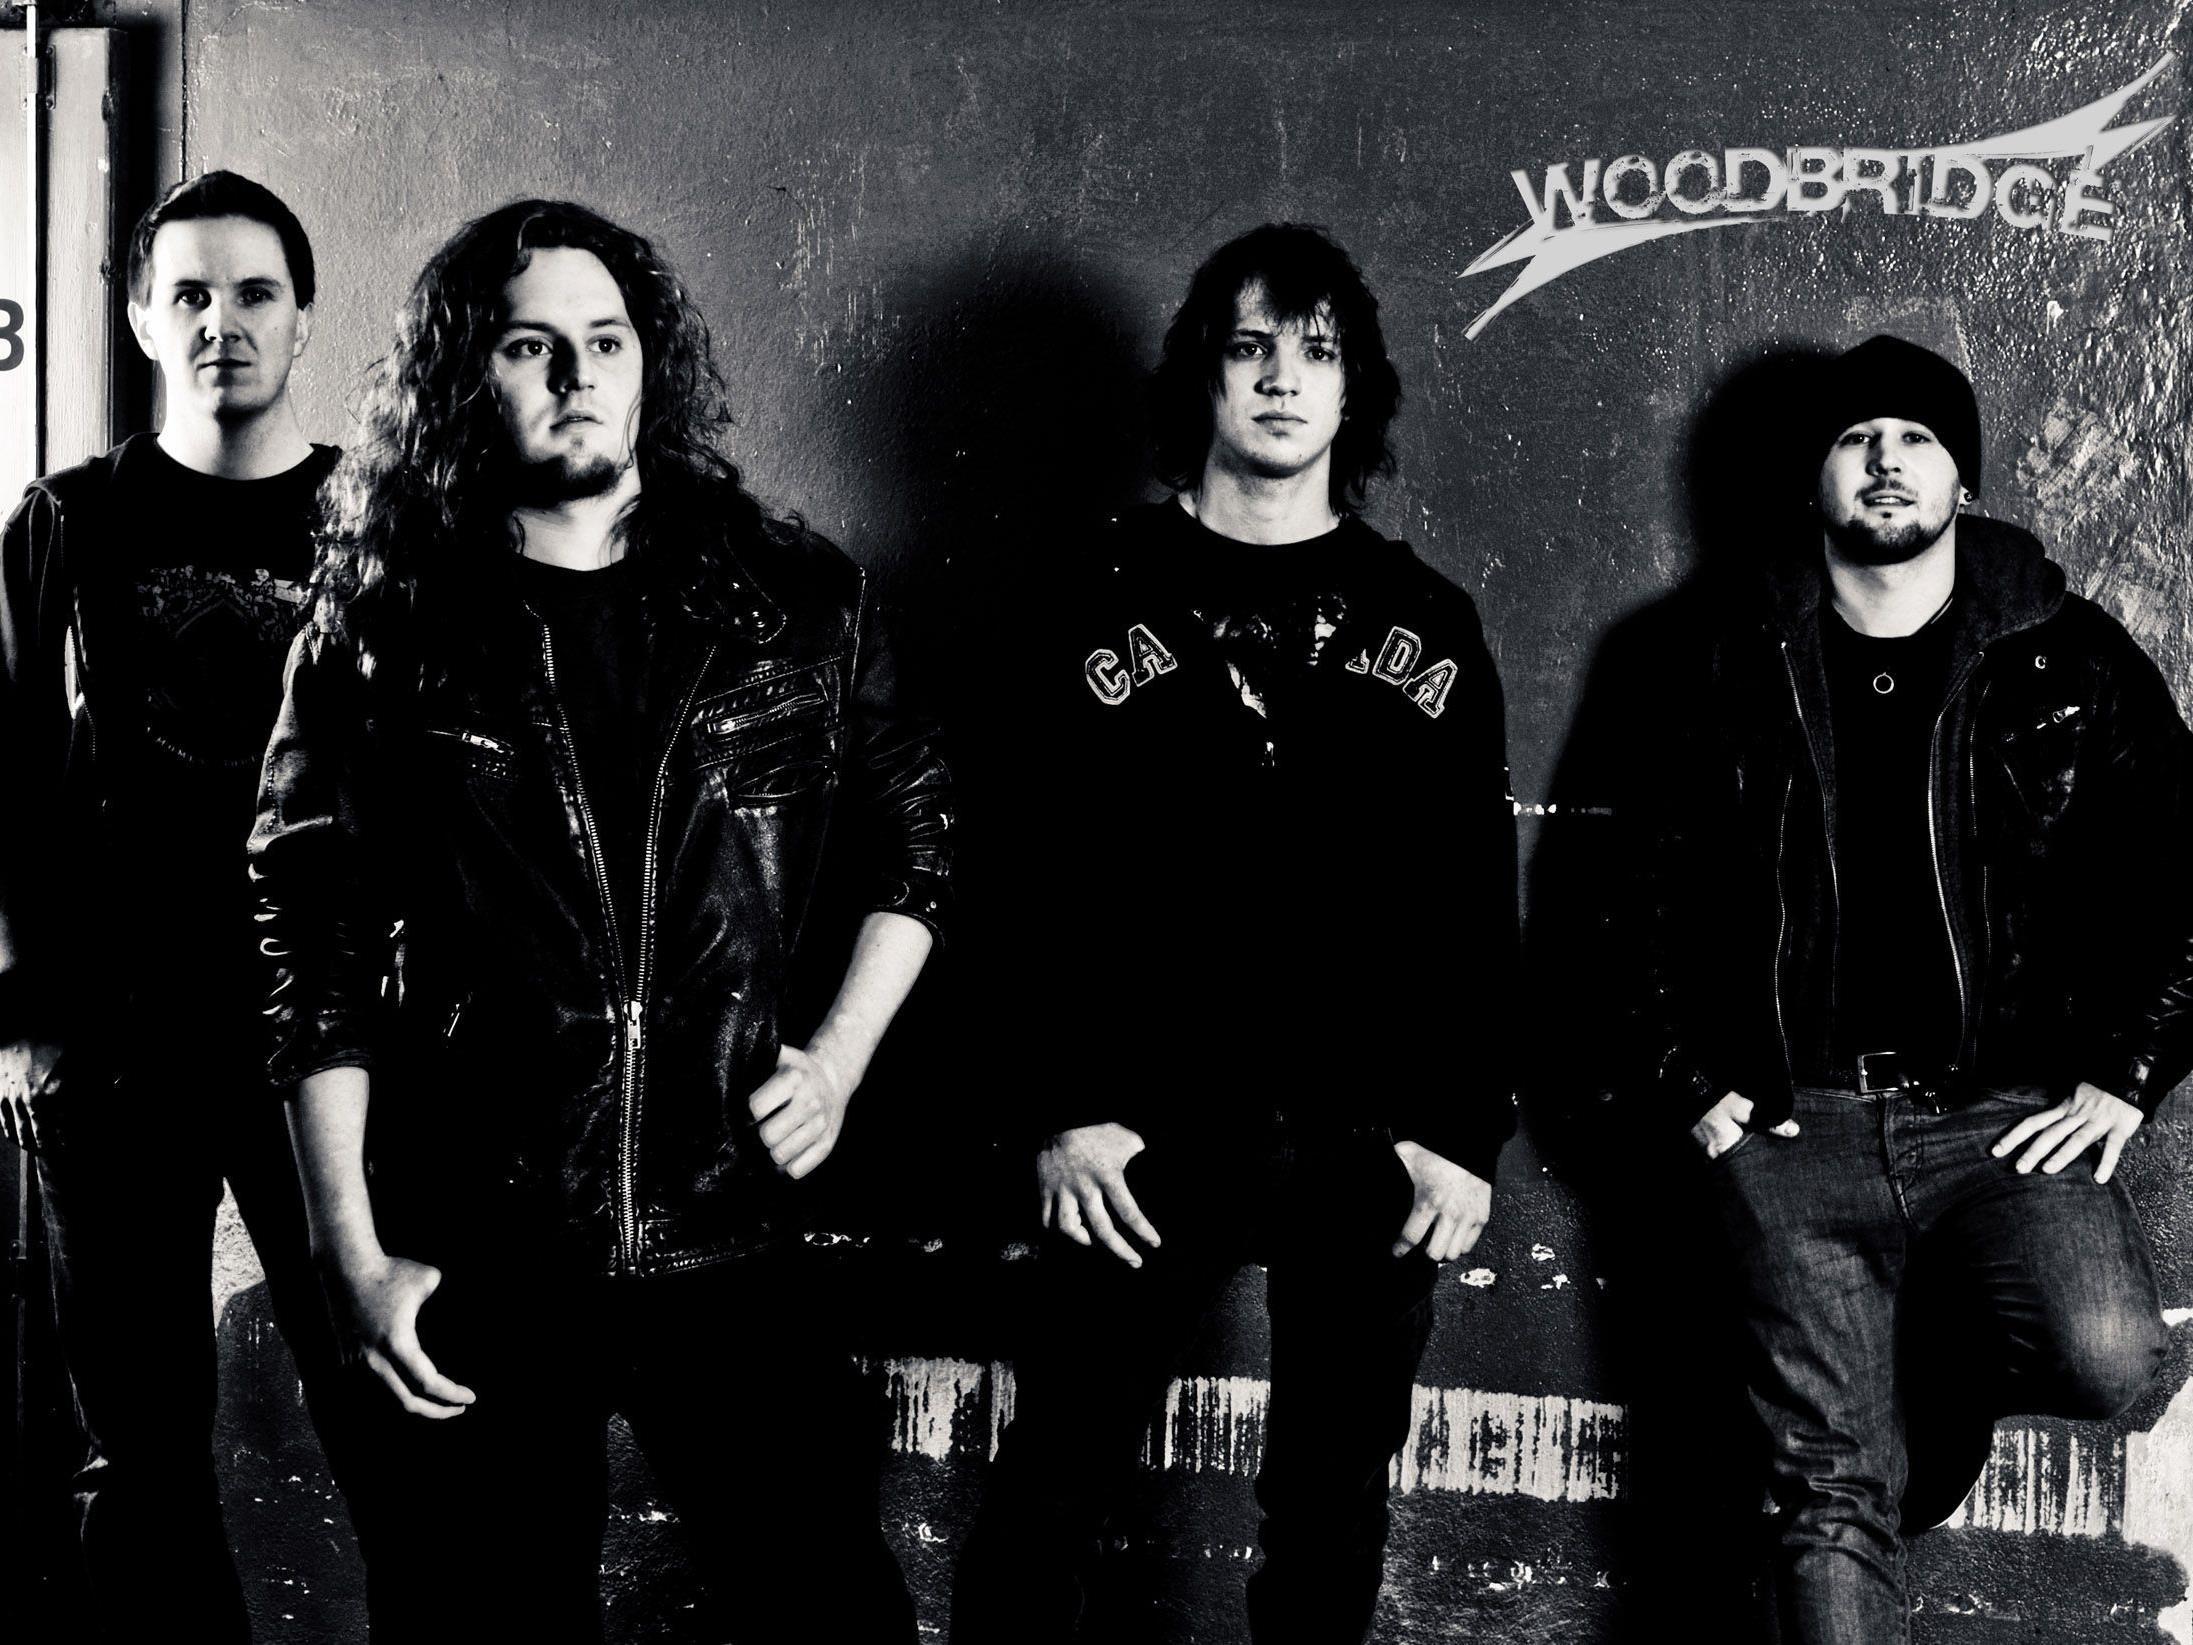 Woodbridge - Hardrock Kultband aus der Schweiz geigt bei Kessler's Clubbing in Nenzing ordentlich auf